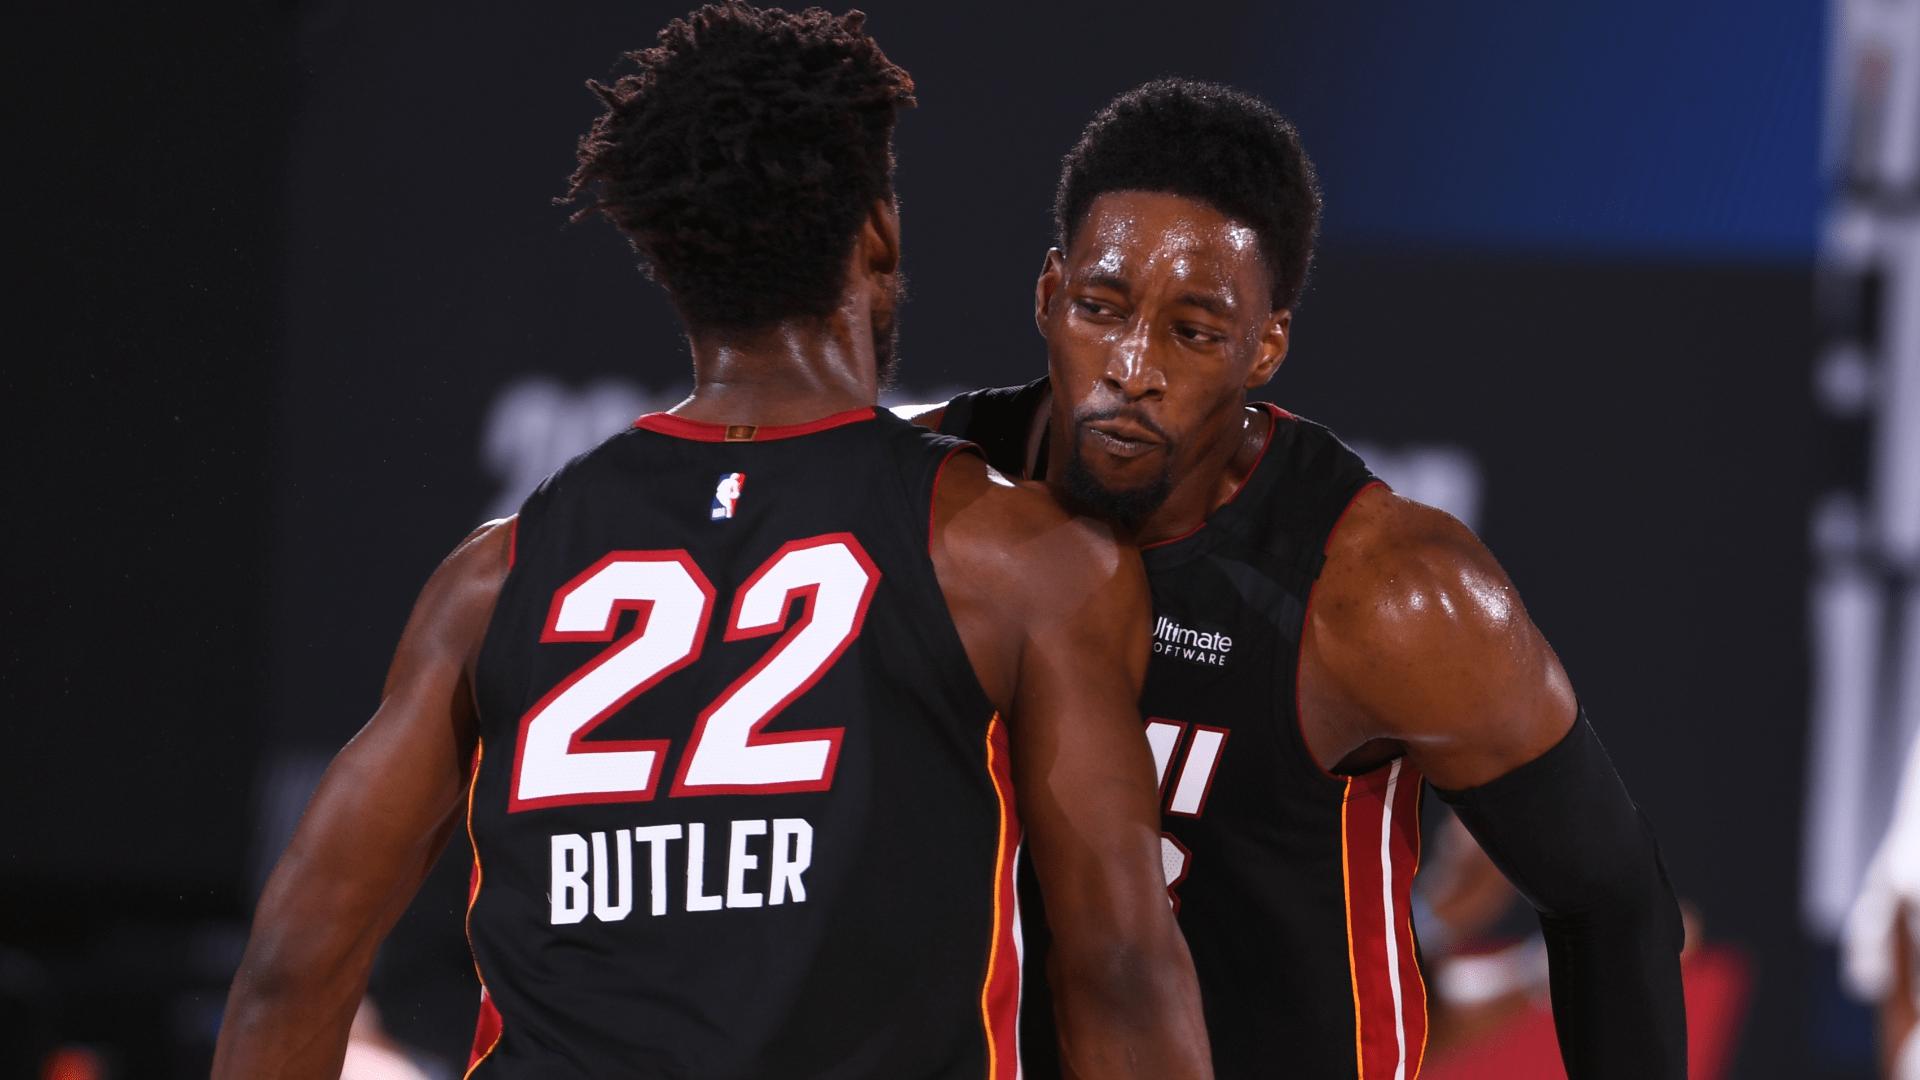 BasketballNcaa - Miami Heat